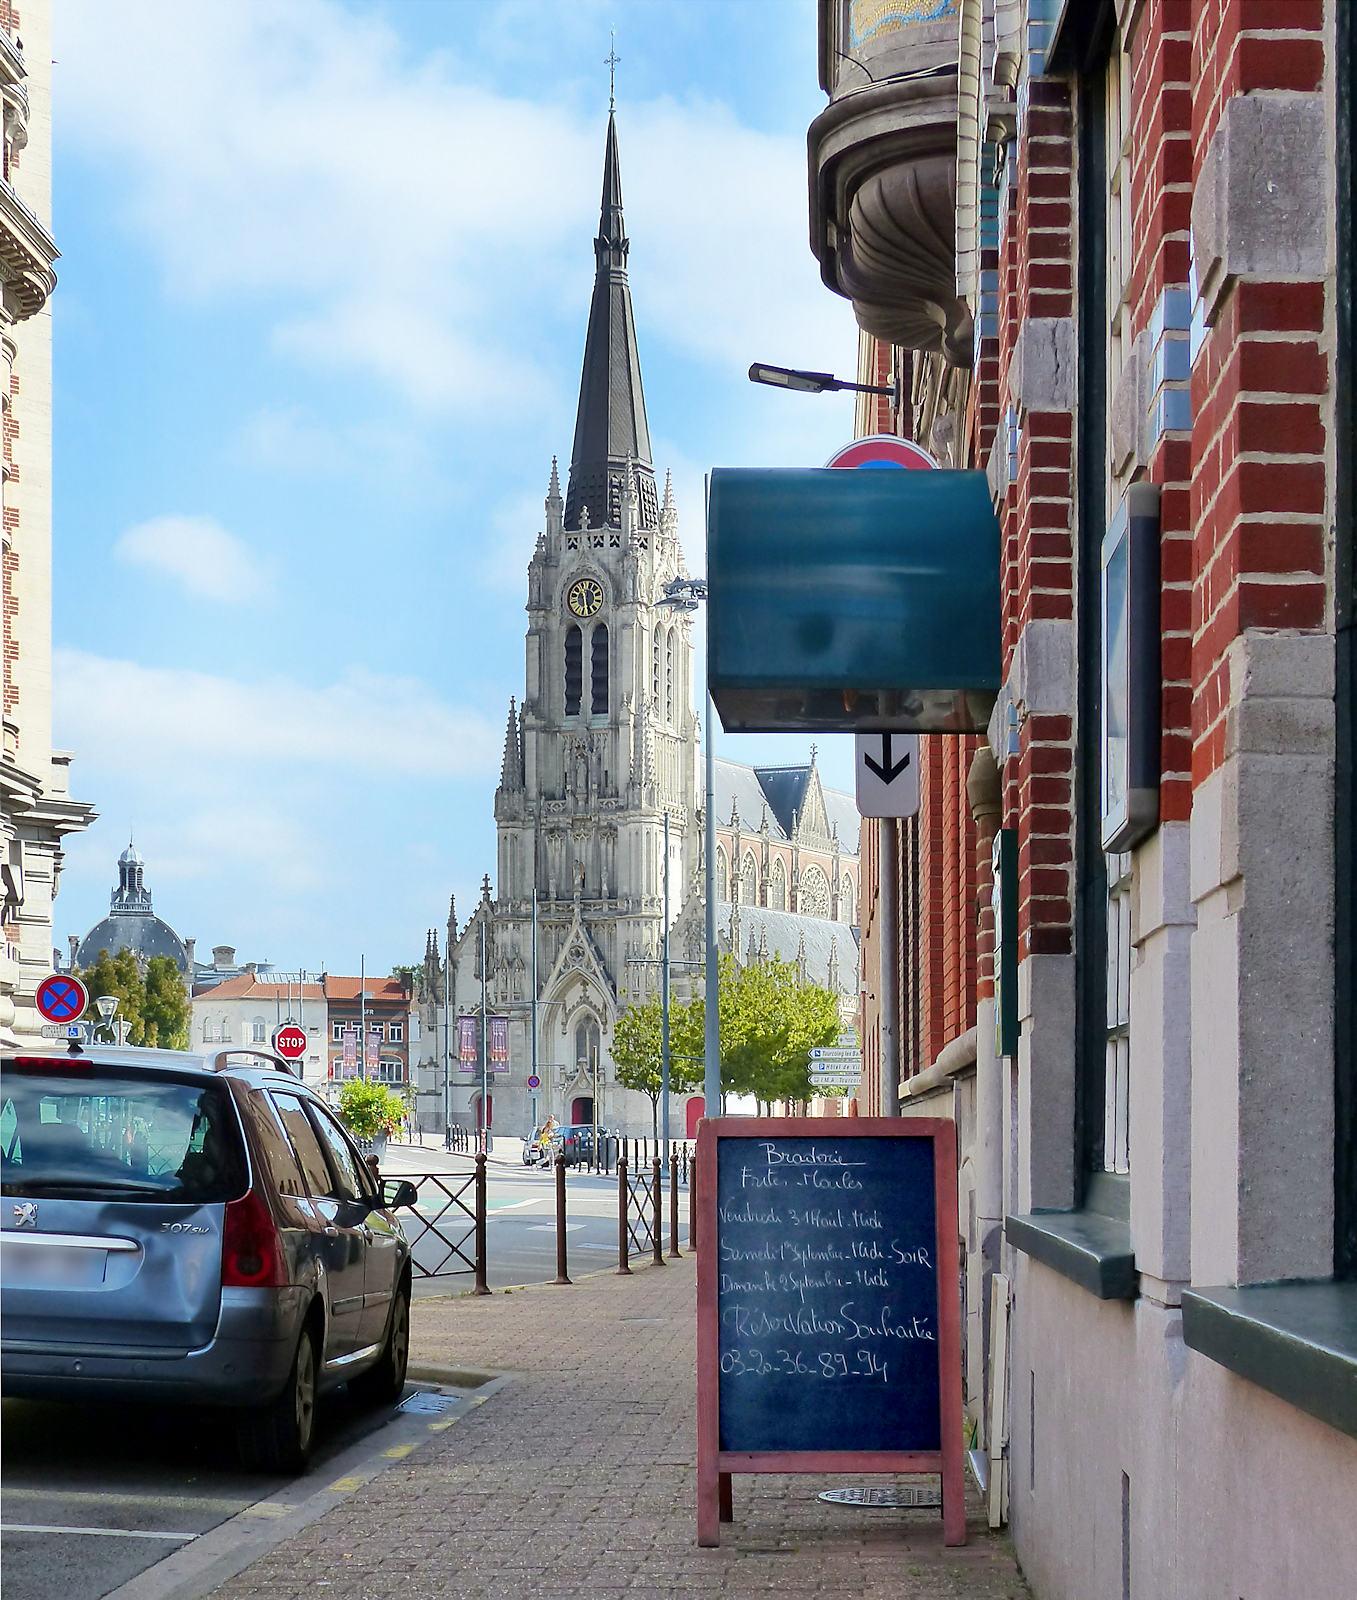 Restaurant donnant sur l'hypercentre de Tourcoing